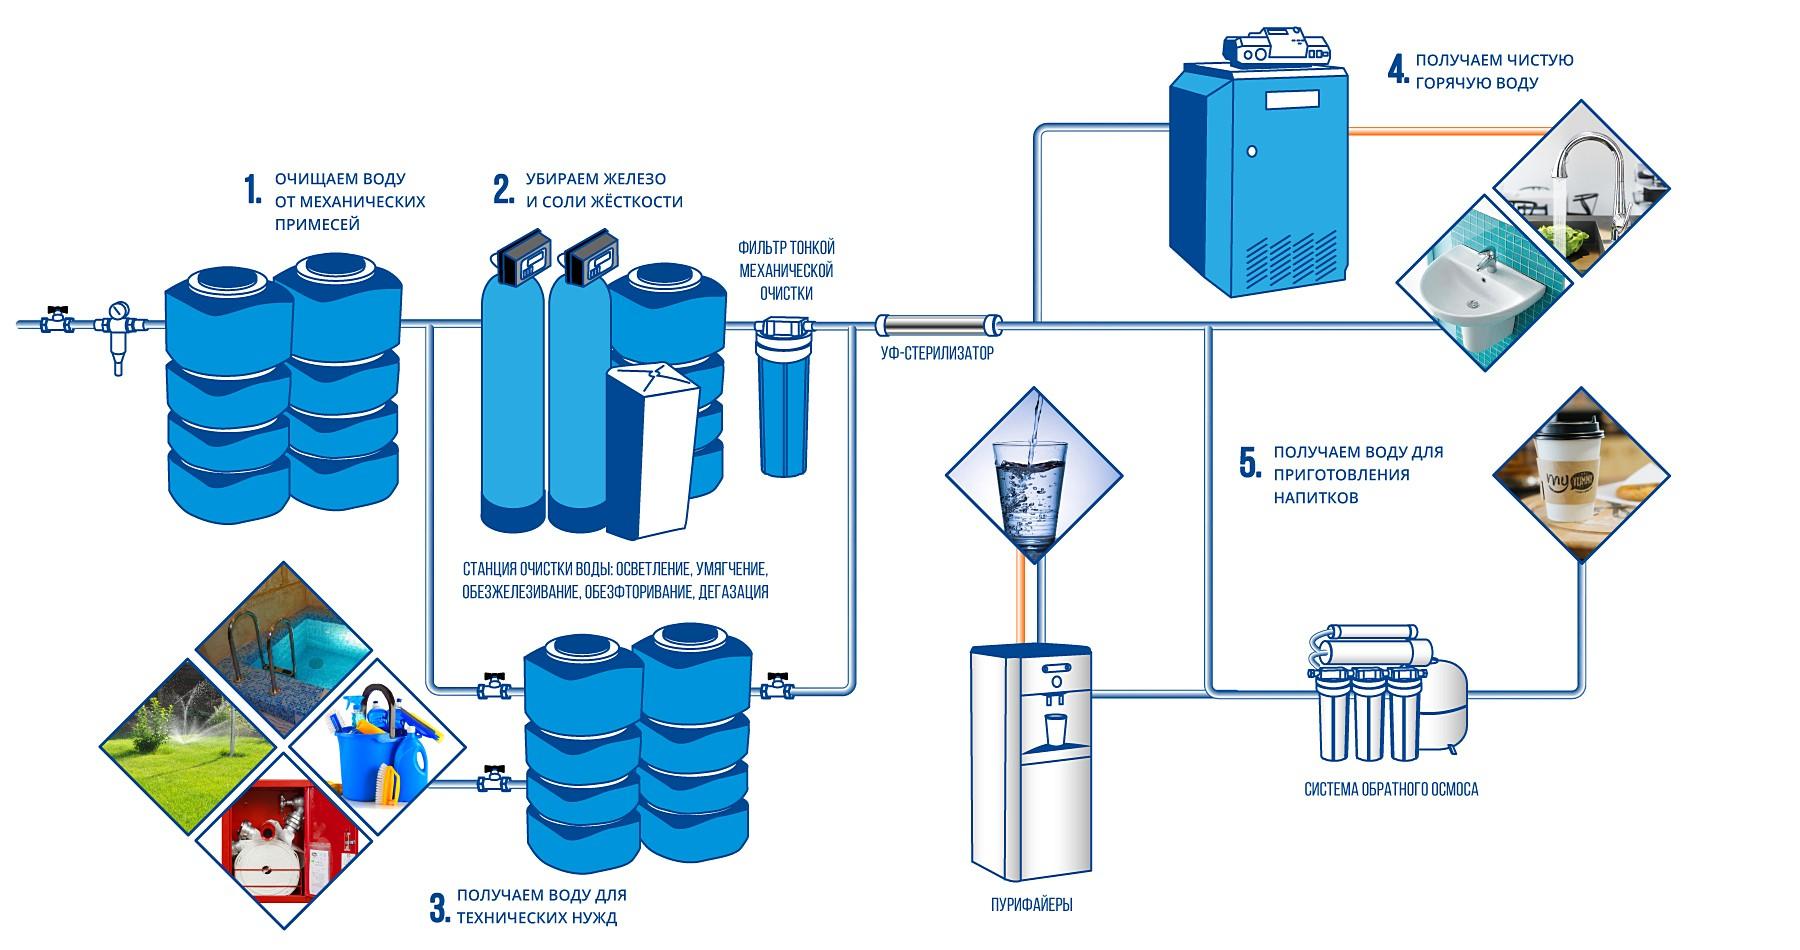 Схема очистки воды на спортивных объектах